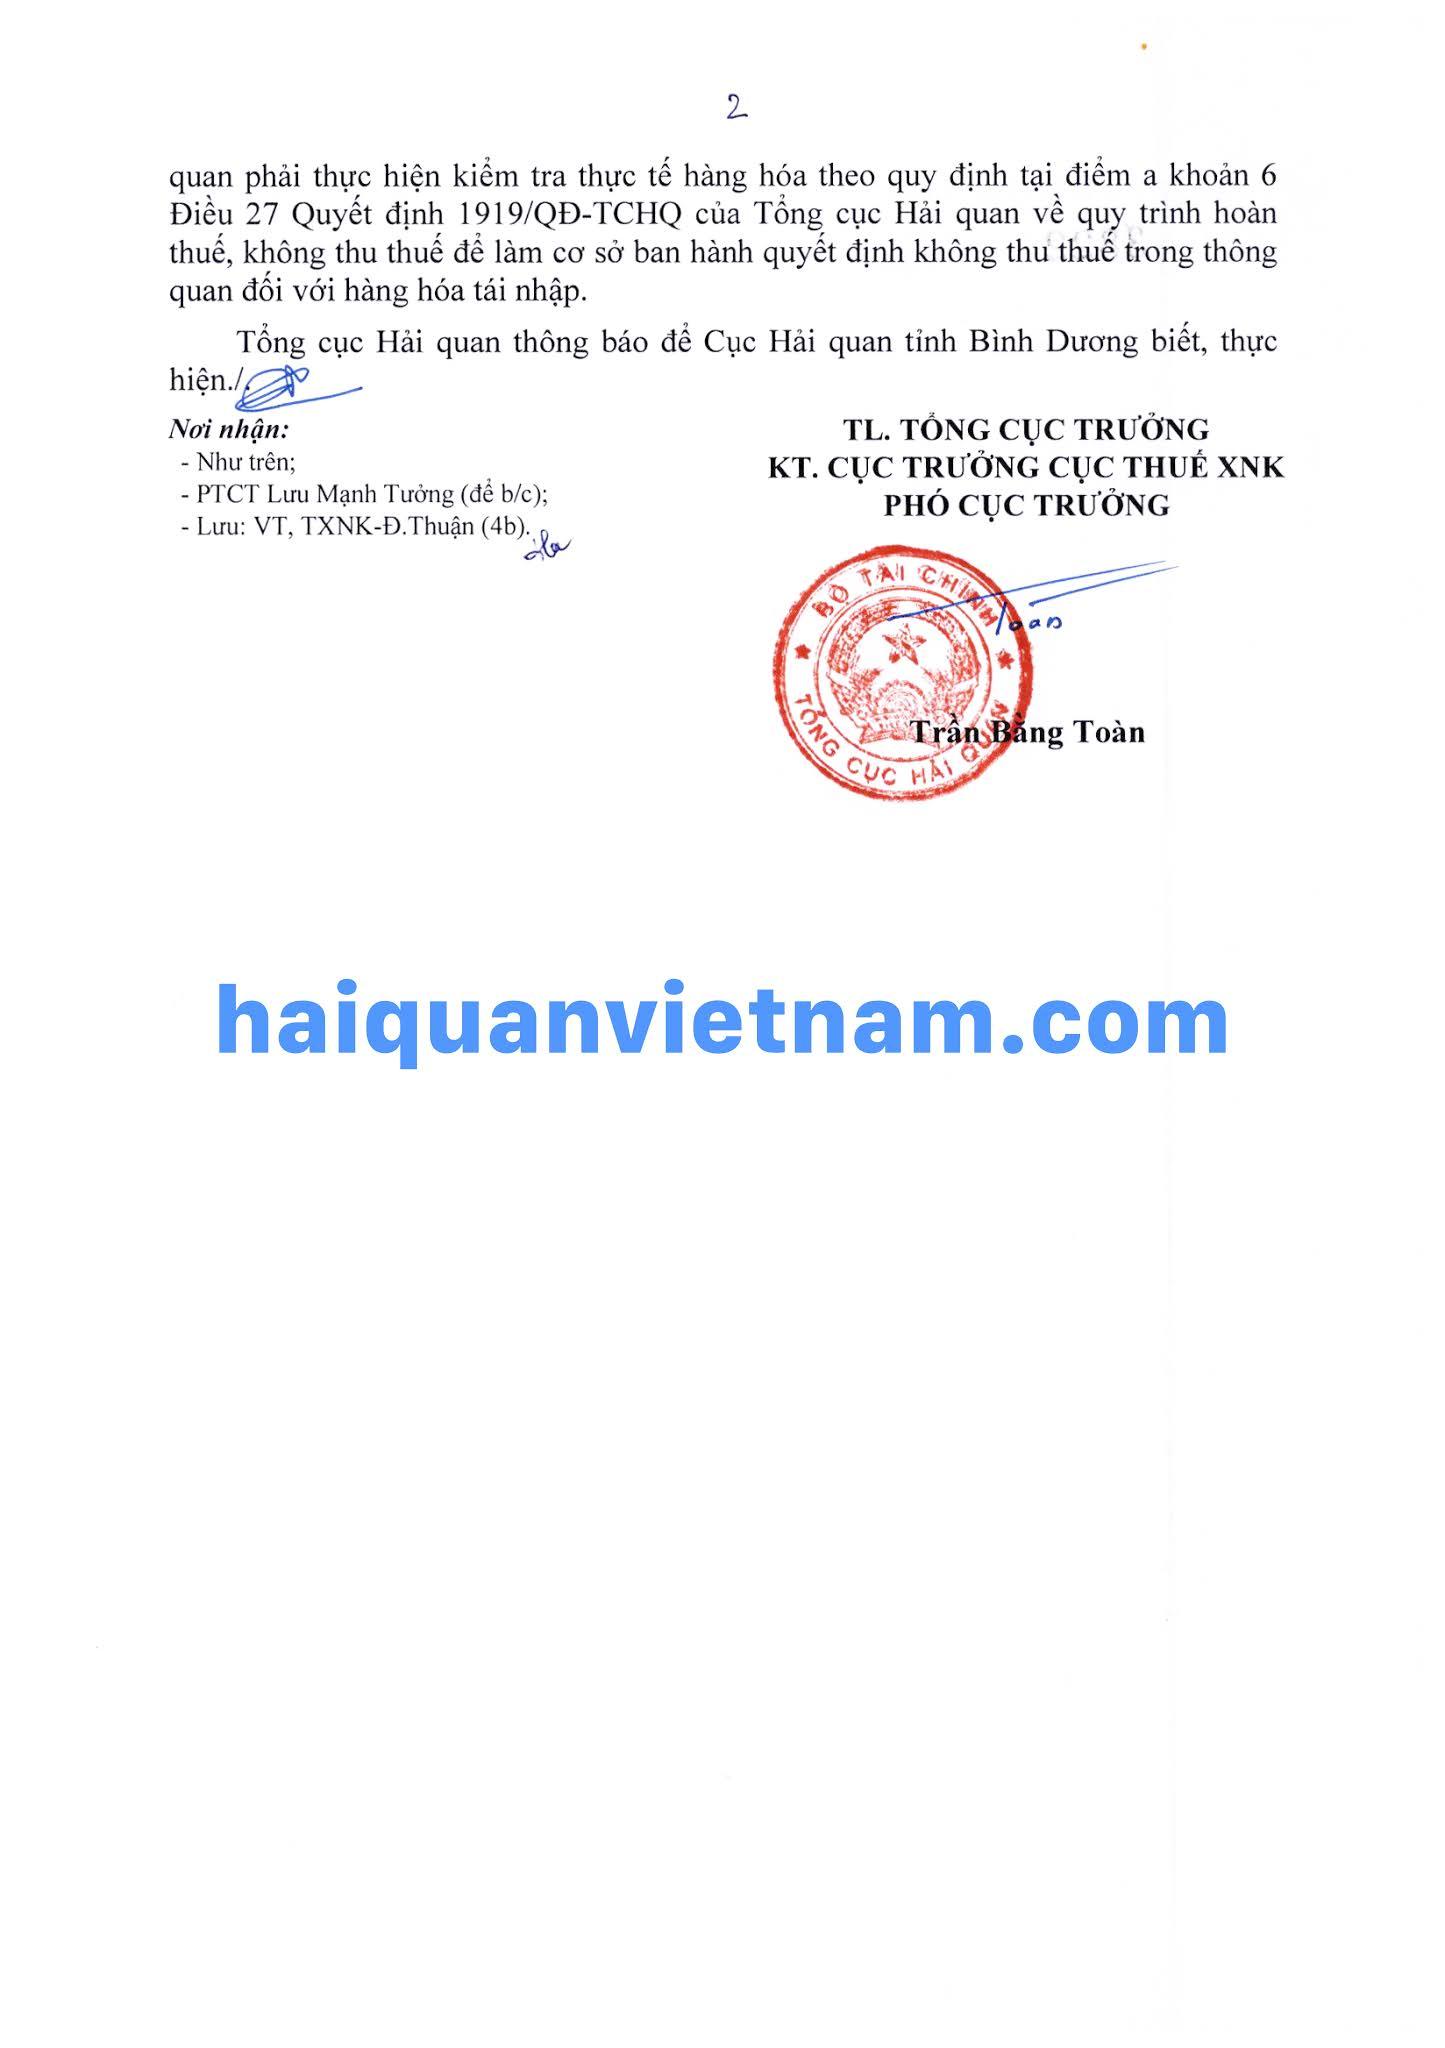 [Image: 210730%2B-%2B3822-TCHQ-TXNK_haiquanvietnam_02.jpg]